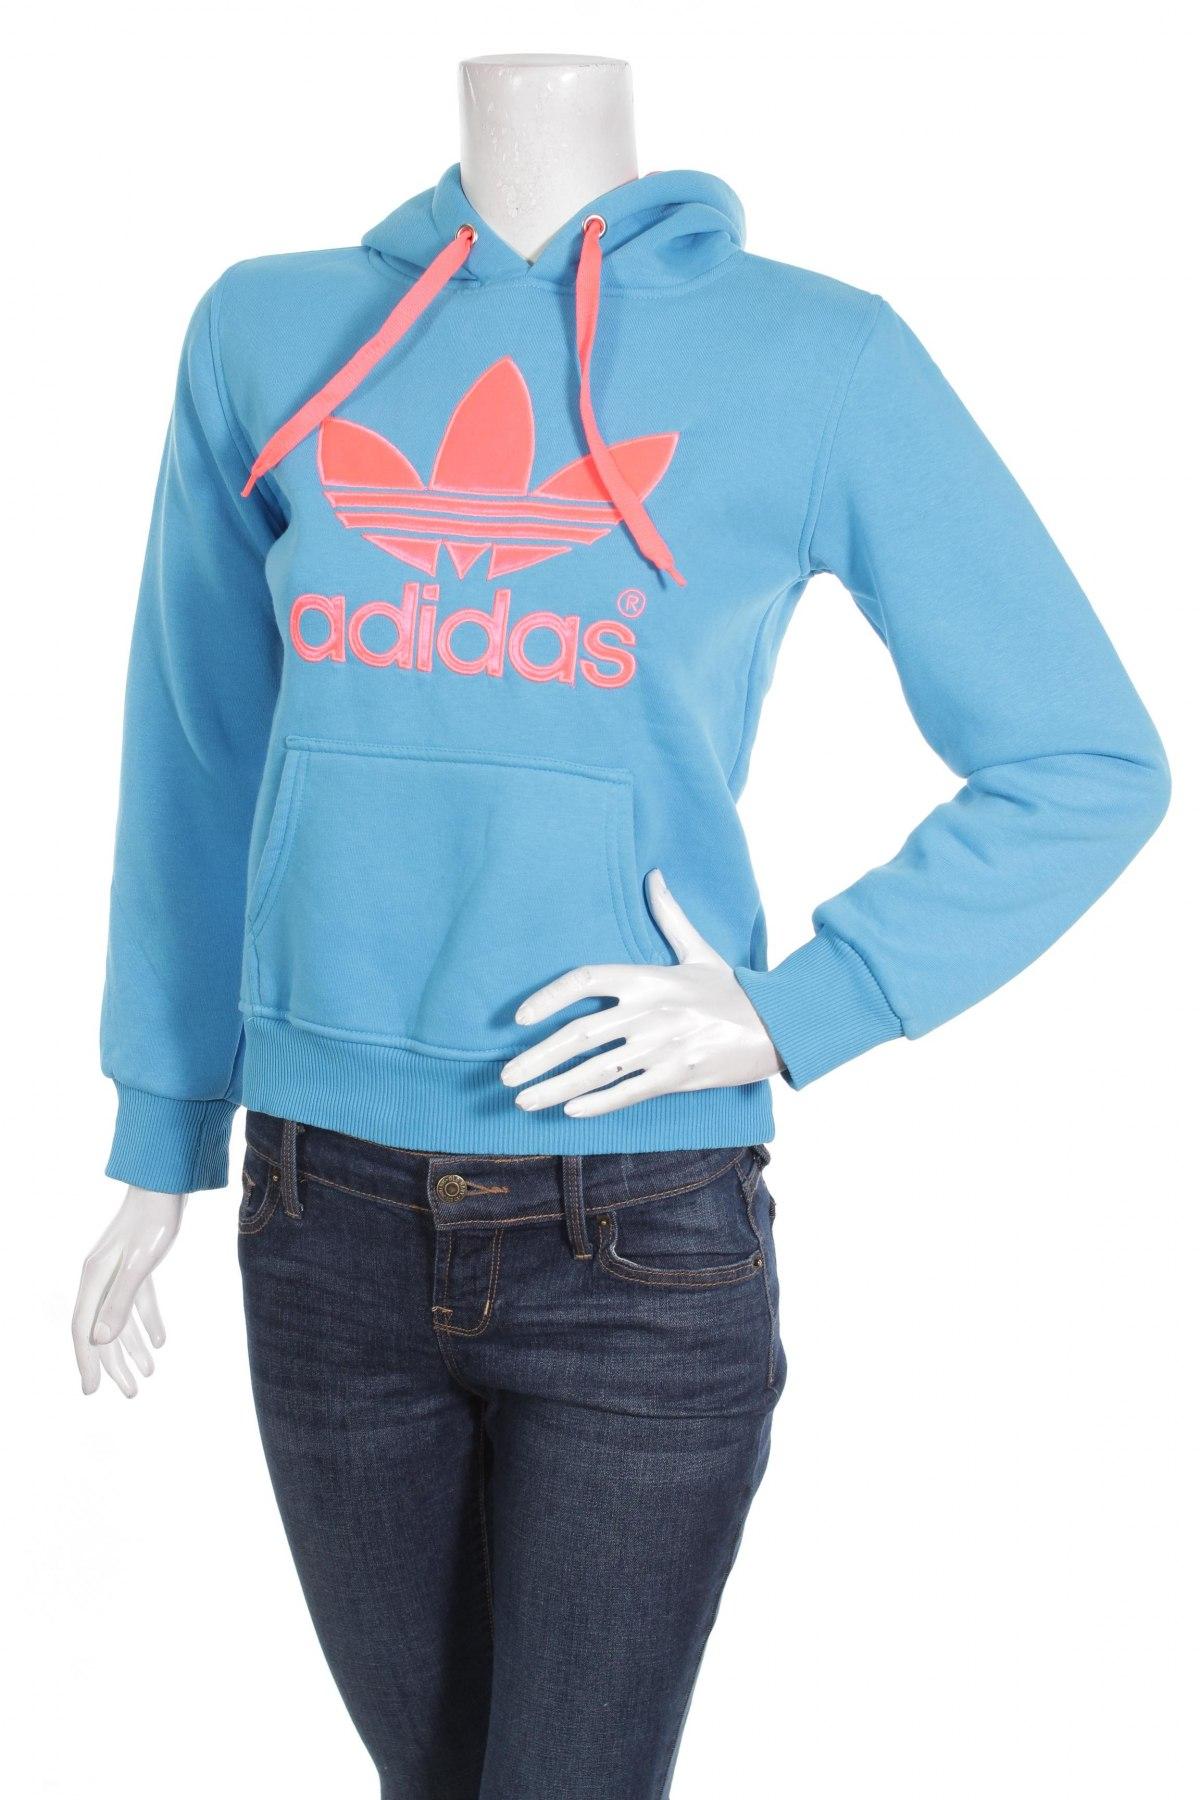 kedvező kedvező kedvező ruha Női Remix áron áron áron vásároljon boltban  AB4xBawPg 89945e4c14